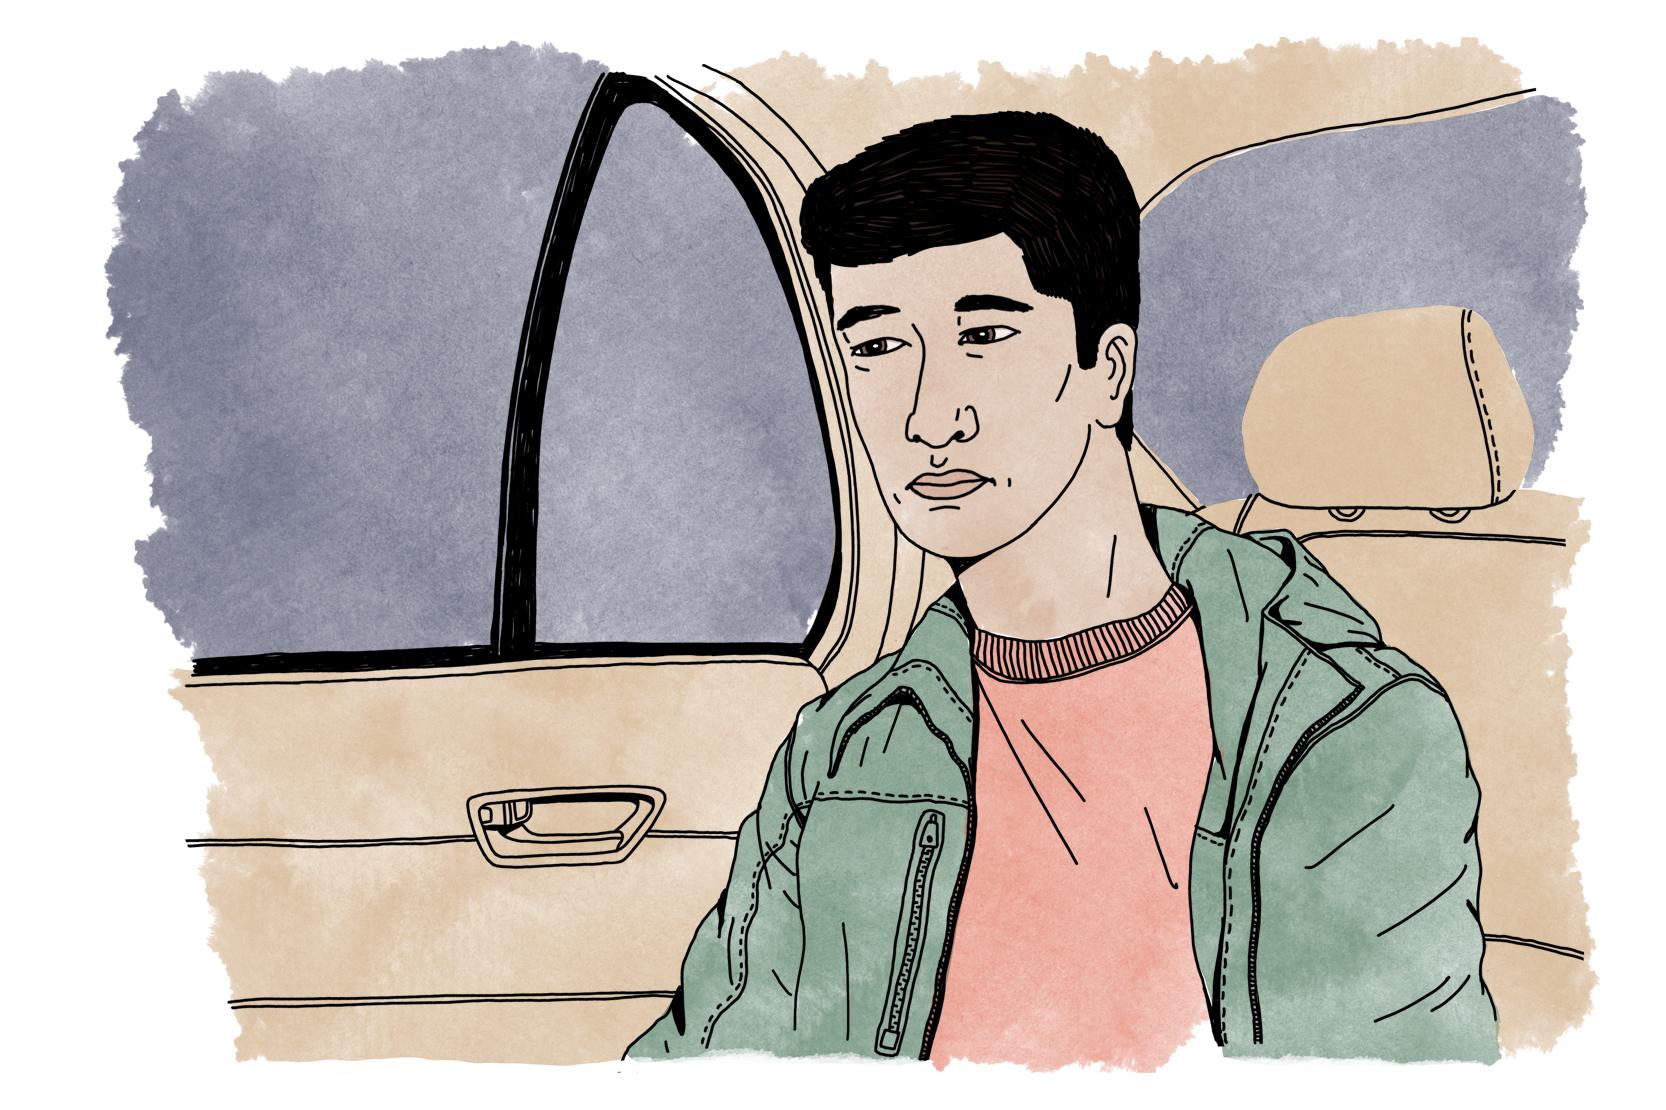 En person som sitter i baksätet på en bil, och ser bekymrad ut.